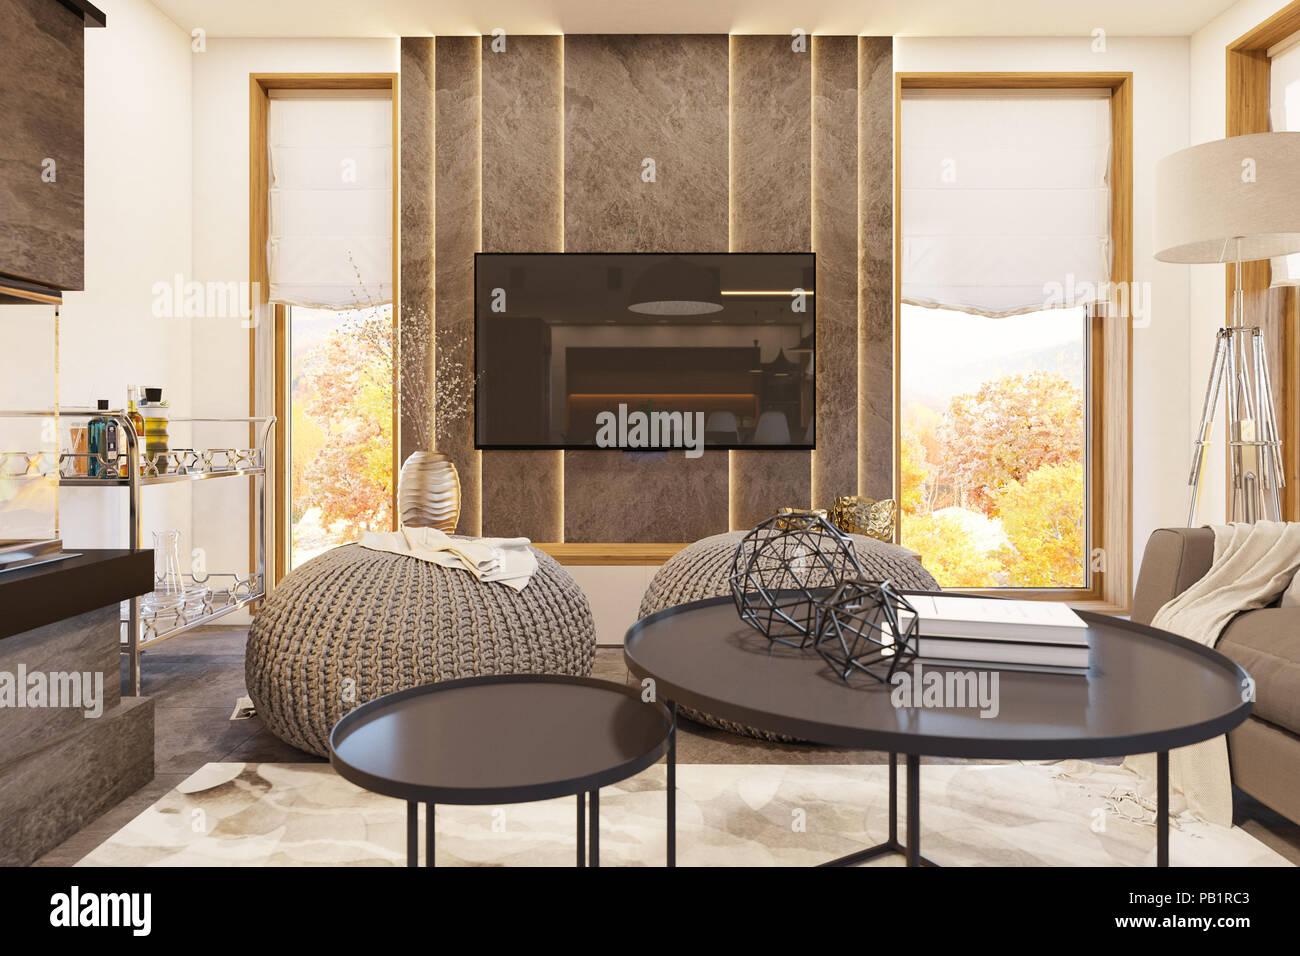 Wohnzimmer Mit Kamin Modernes Haus In Den Skandinavischen Minimalistischem Stil Hygge Interior 3d Rendern 3d Darstellung Stockfotografie Alamy